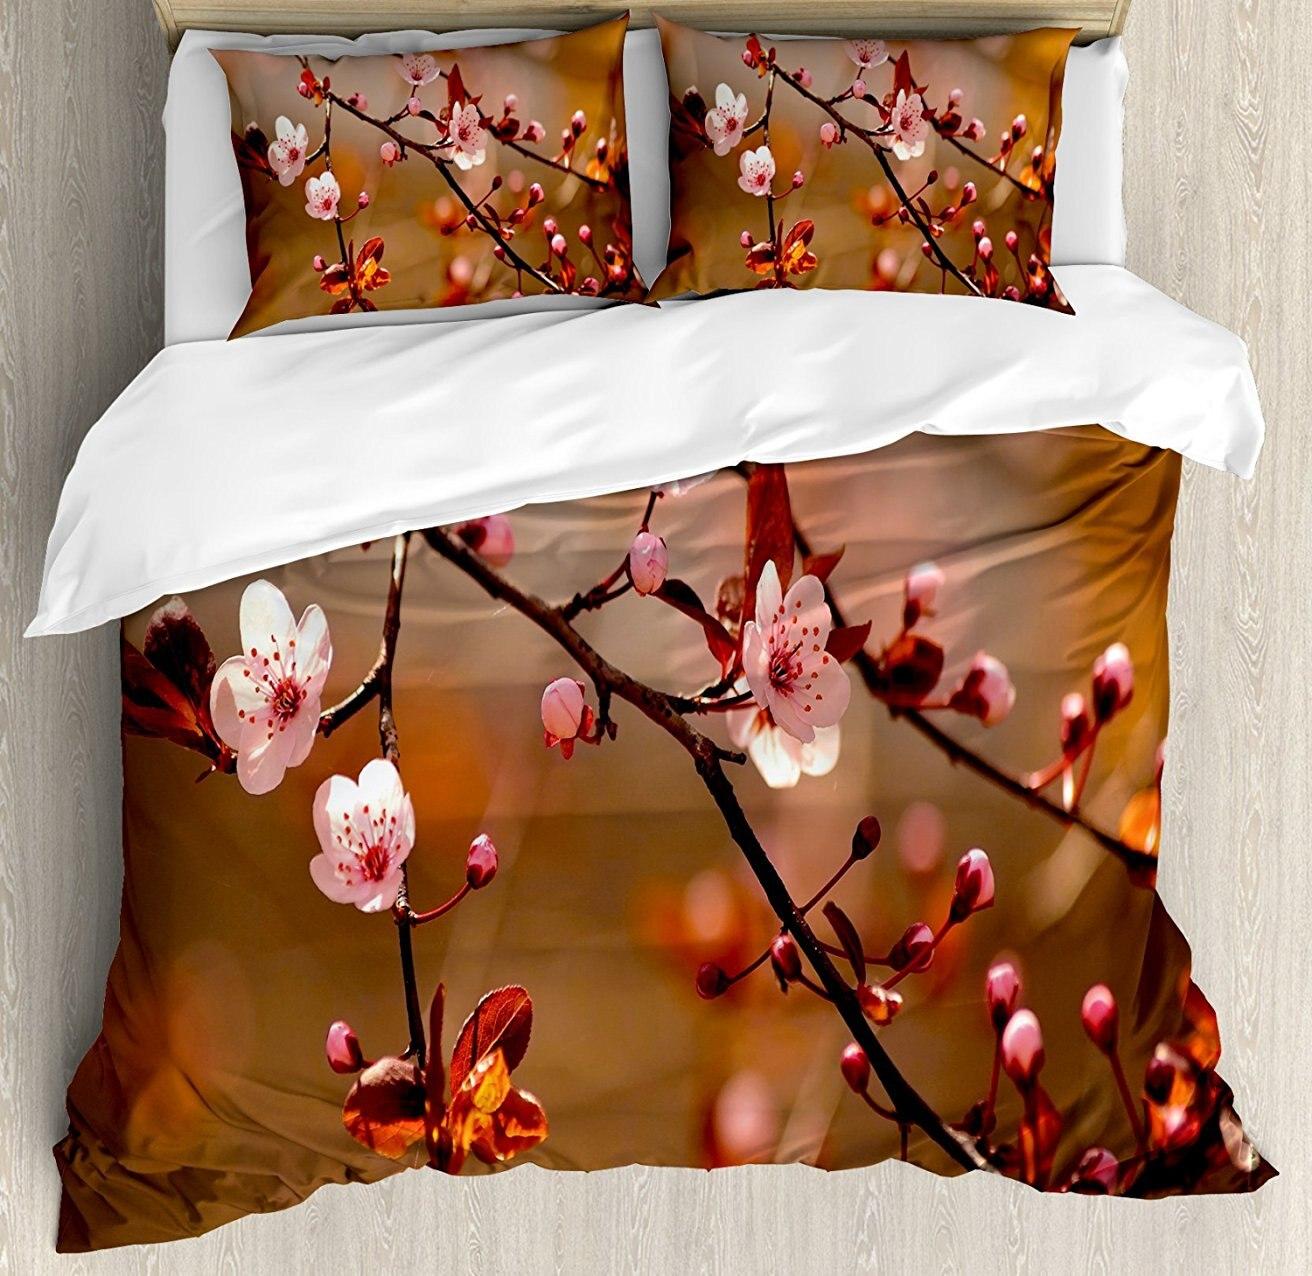 Nature ensemble housse de couette, fleurs de cerisier Sakura arbre Branches floraison japonais florissant impression, ensemble de literie 4 pièces